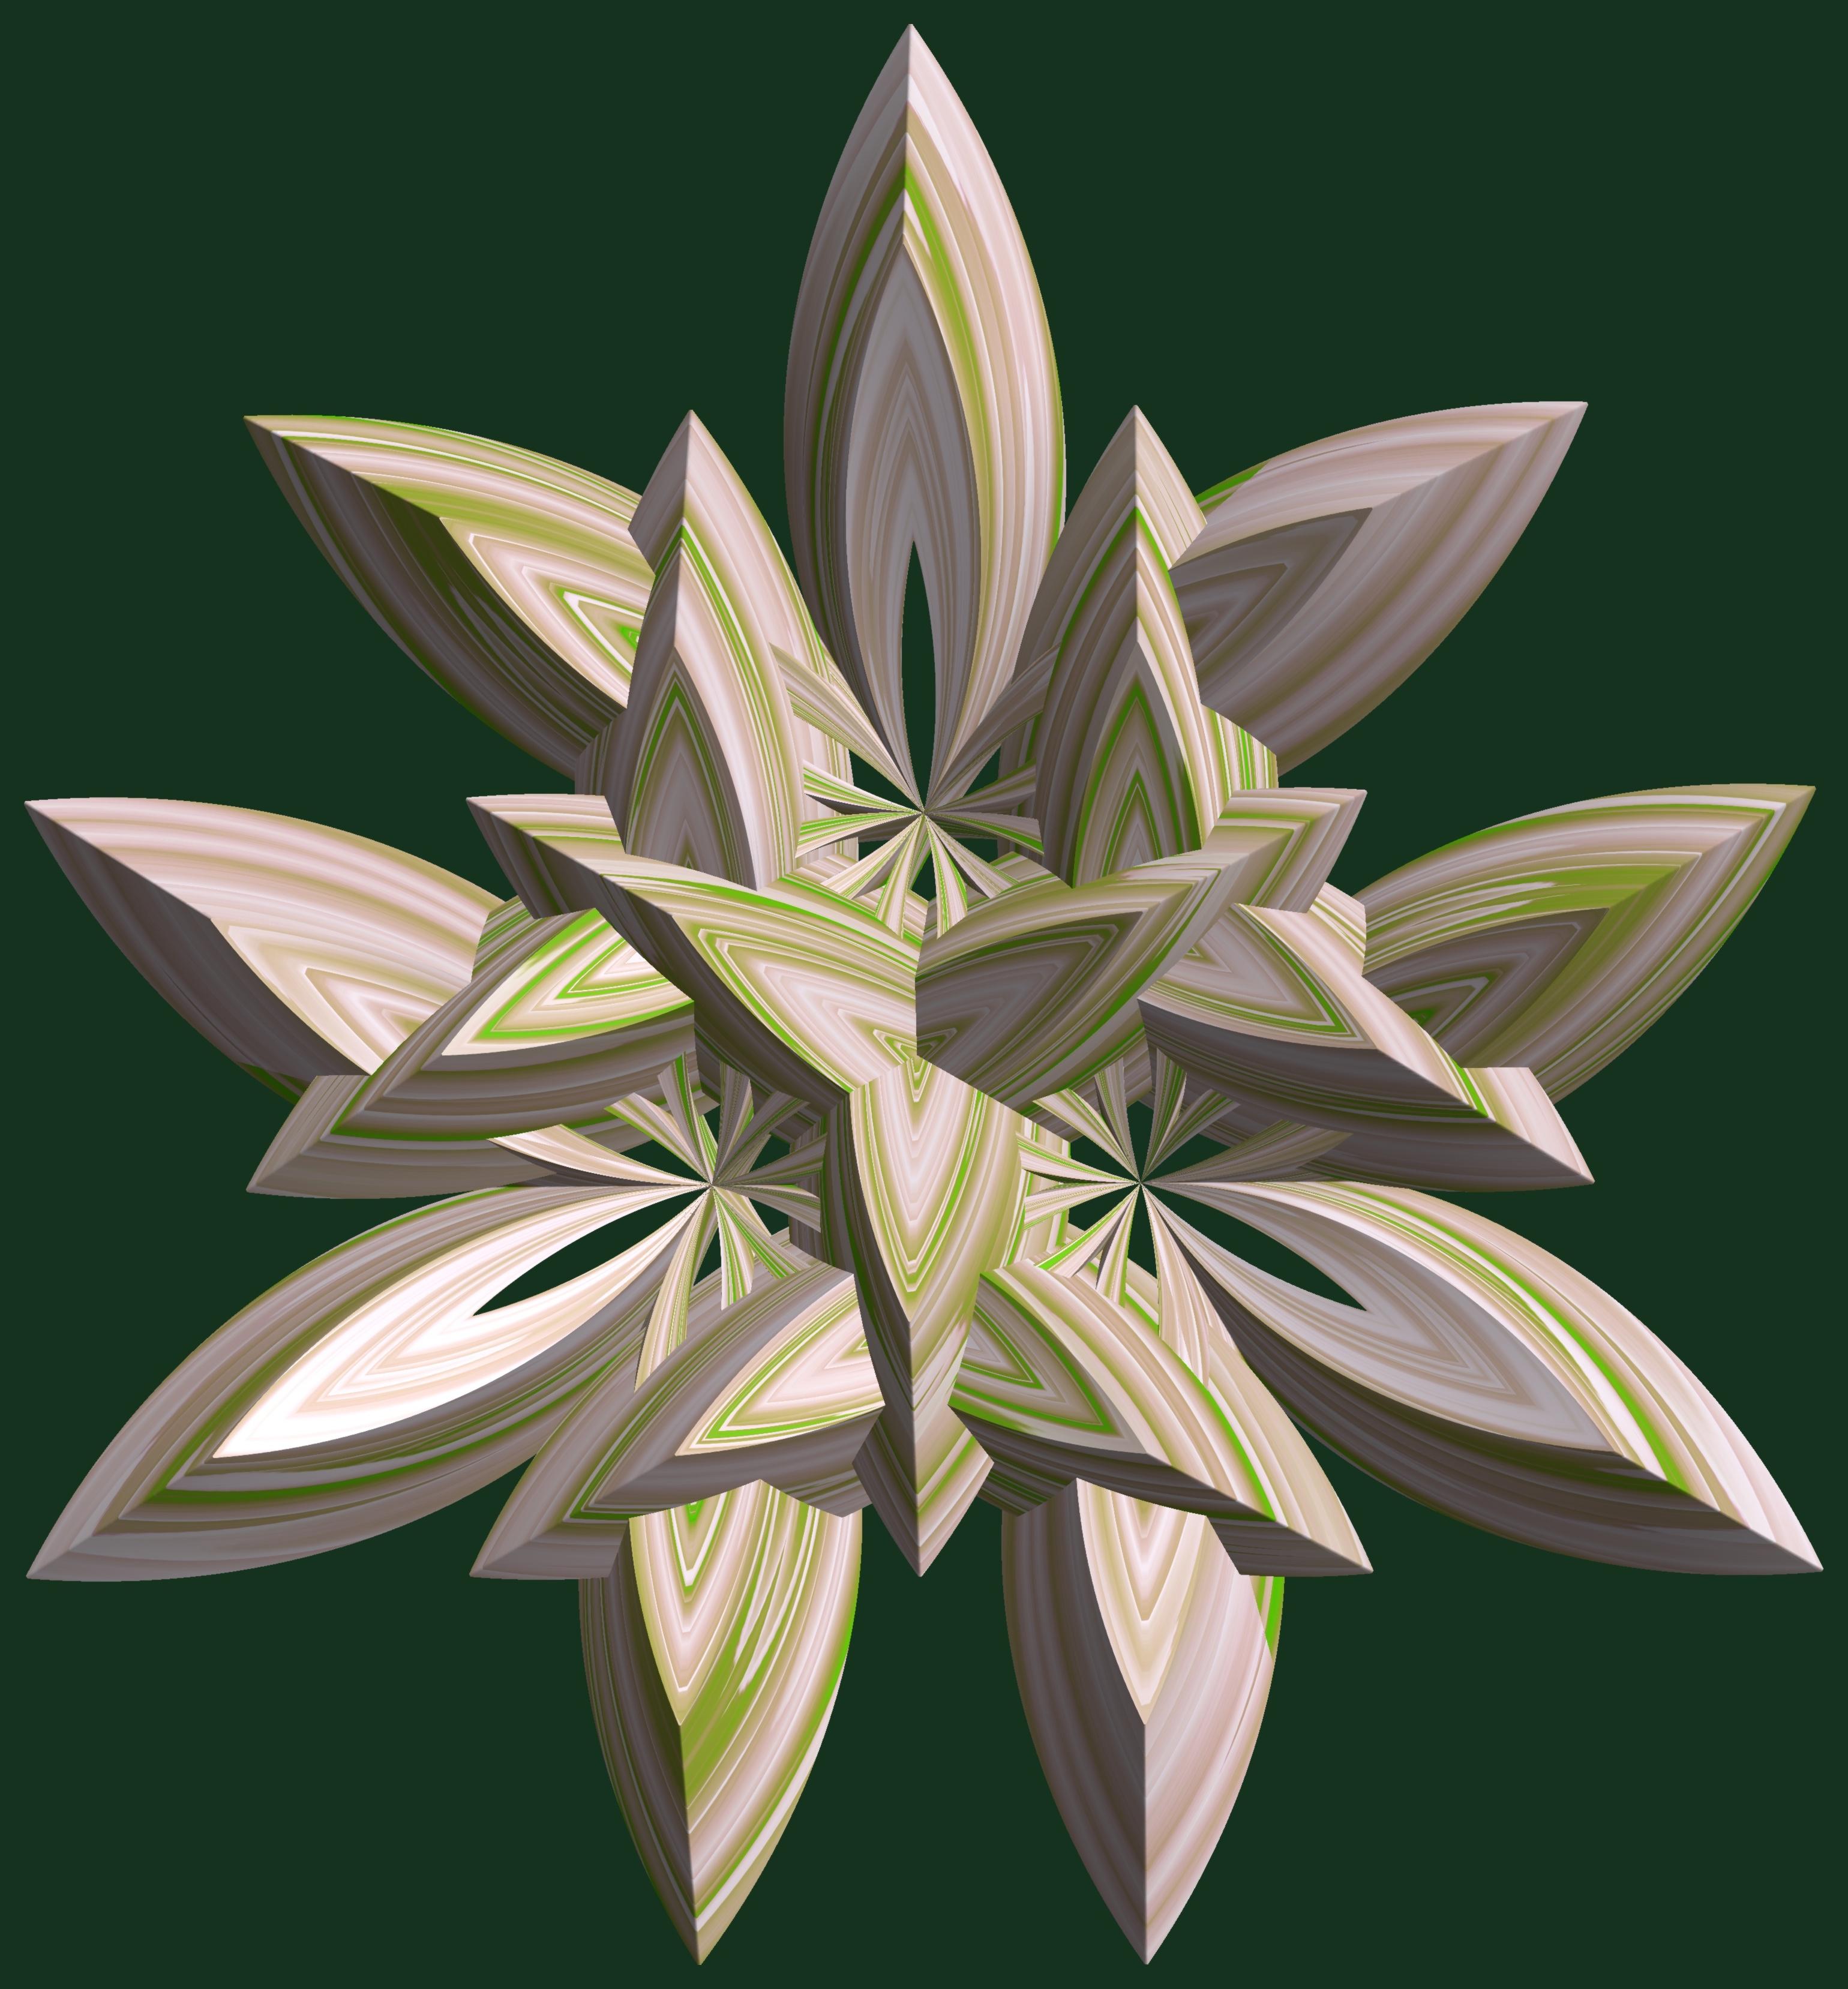 3 Crossing hexa-tori / 交差する3個の六芒星環, 3d, シンメトリー, たいしょうせい, ちゅうしょう, HQ Photo